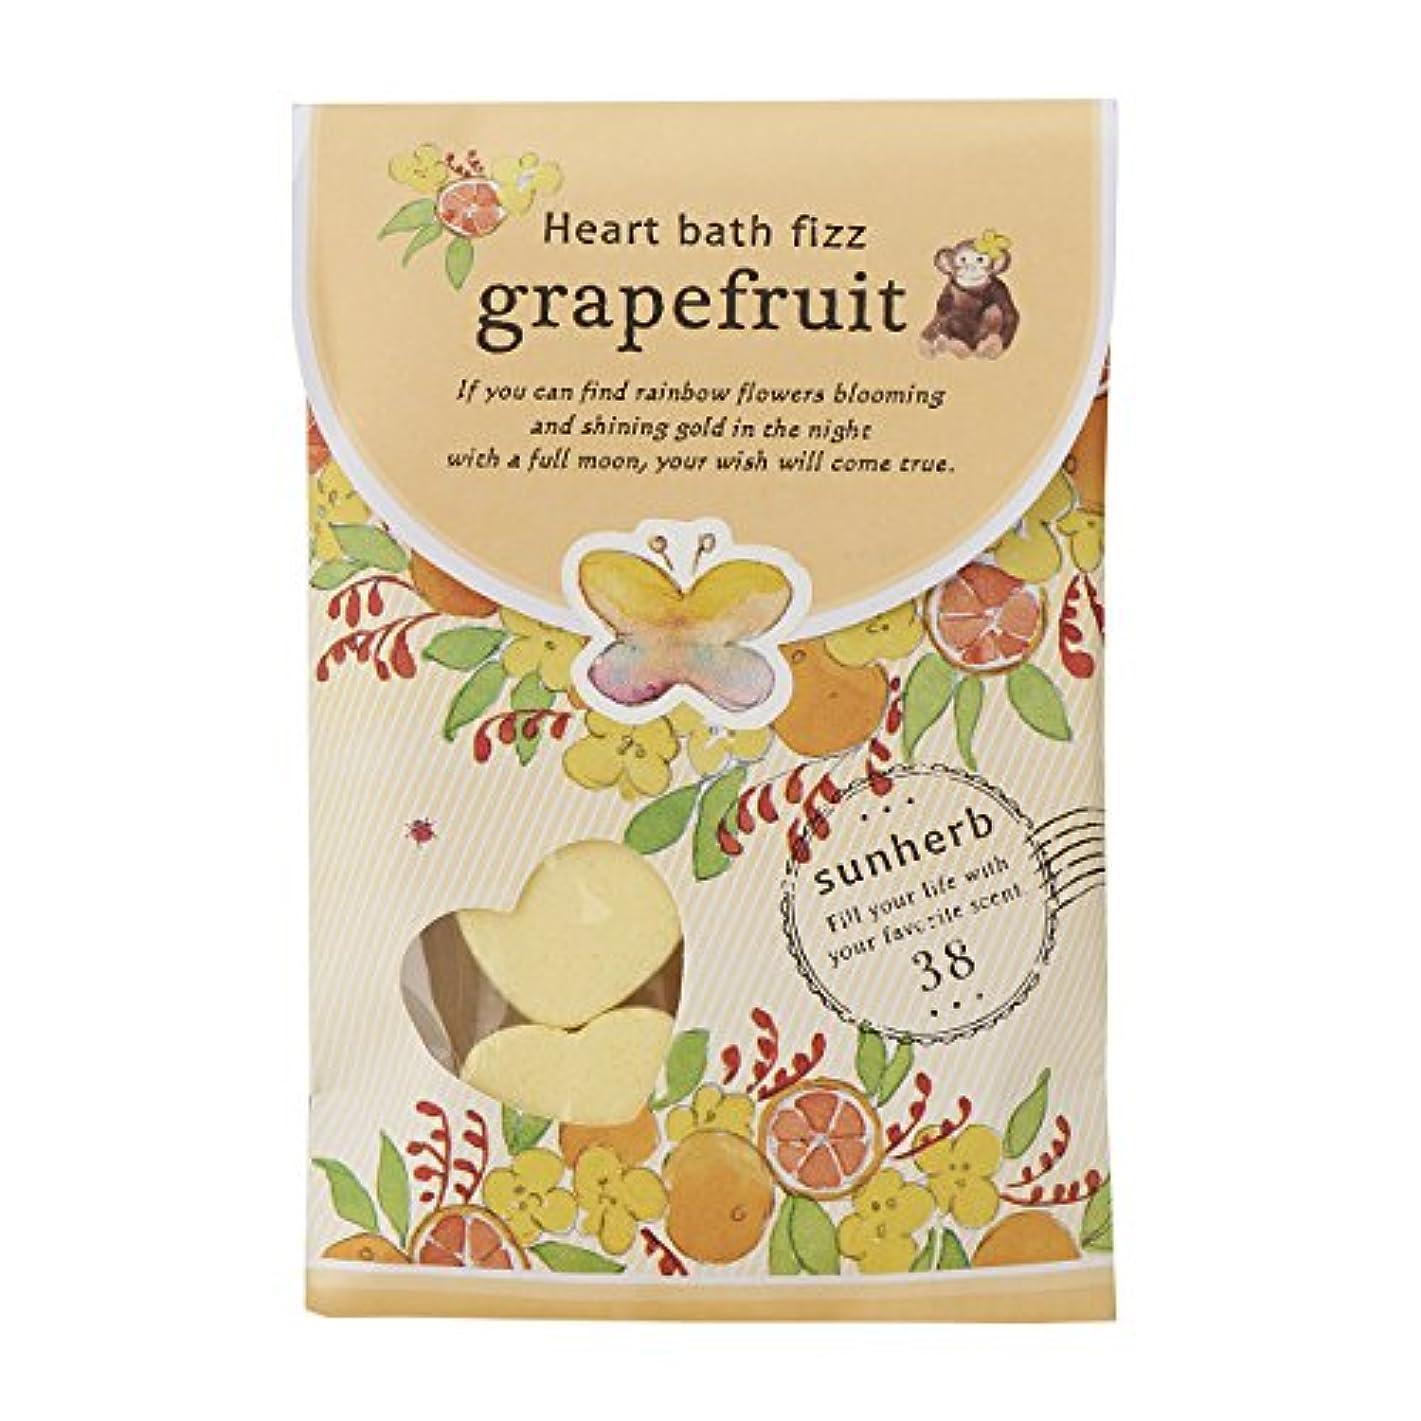 しかしながら大人寄り添うサンハーブ ハートバスフィズ28g×2包 グレープフルーツ(発泡タイプの入浴料 シャキっとまぶしい柑橘系の香り)